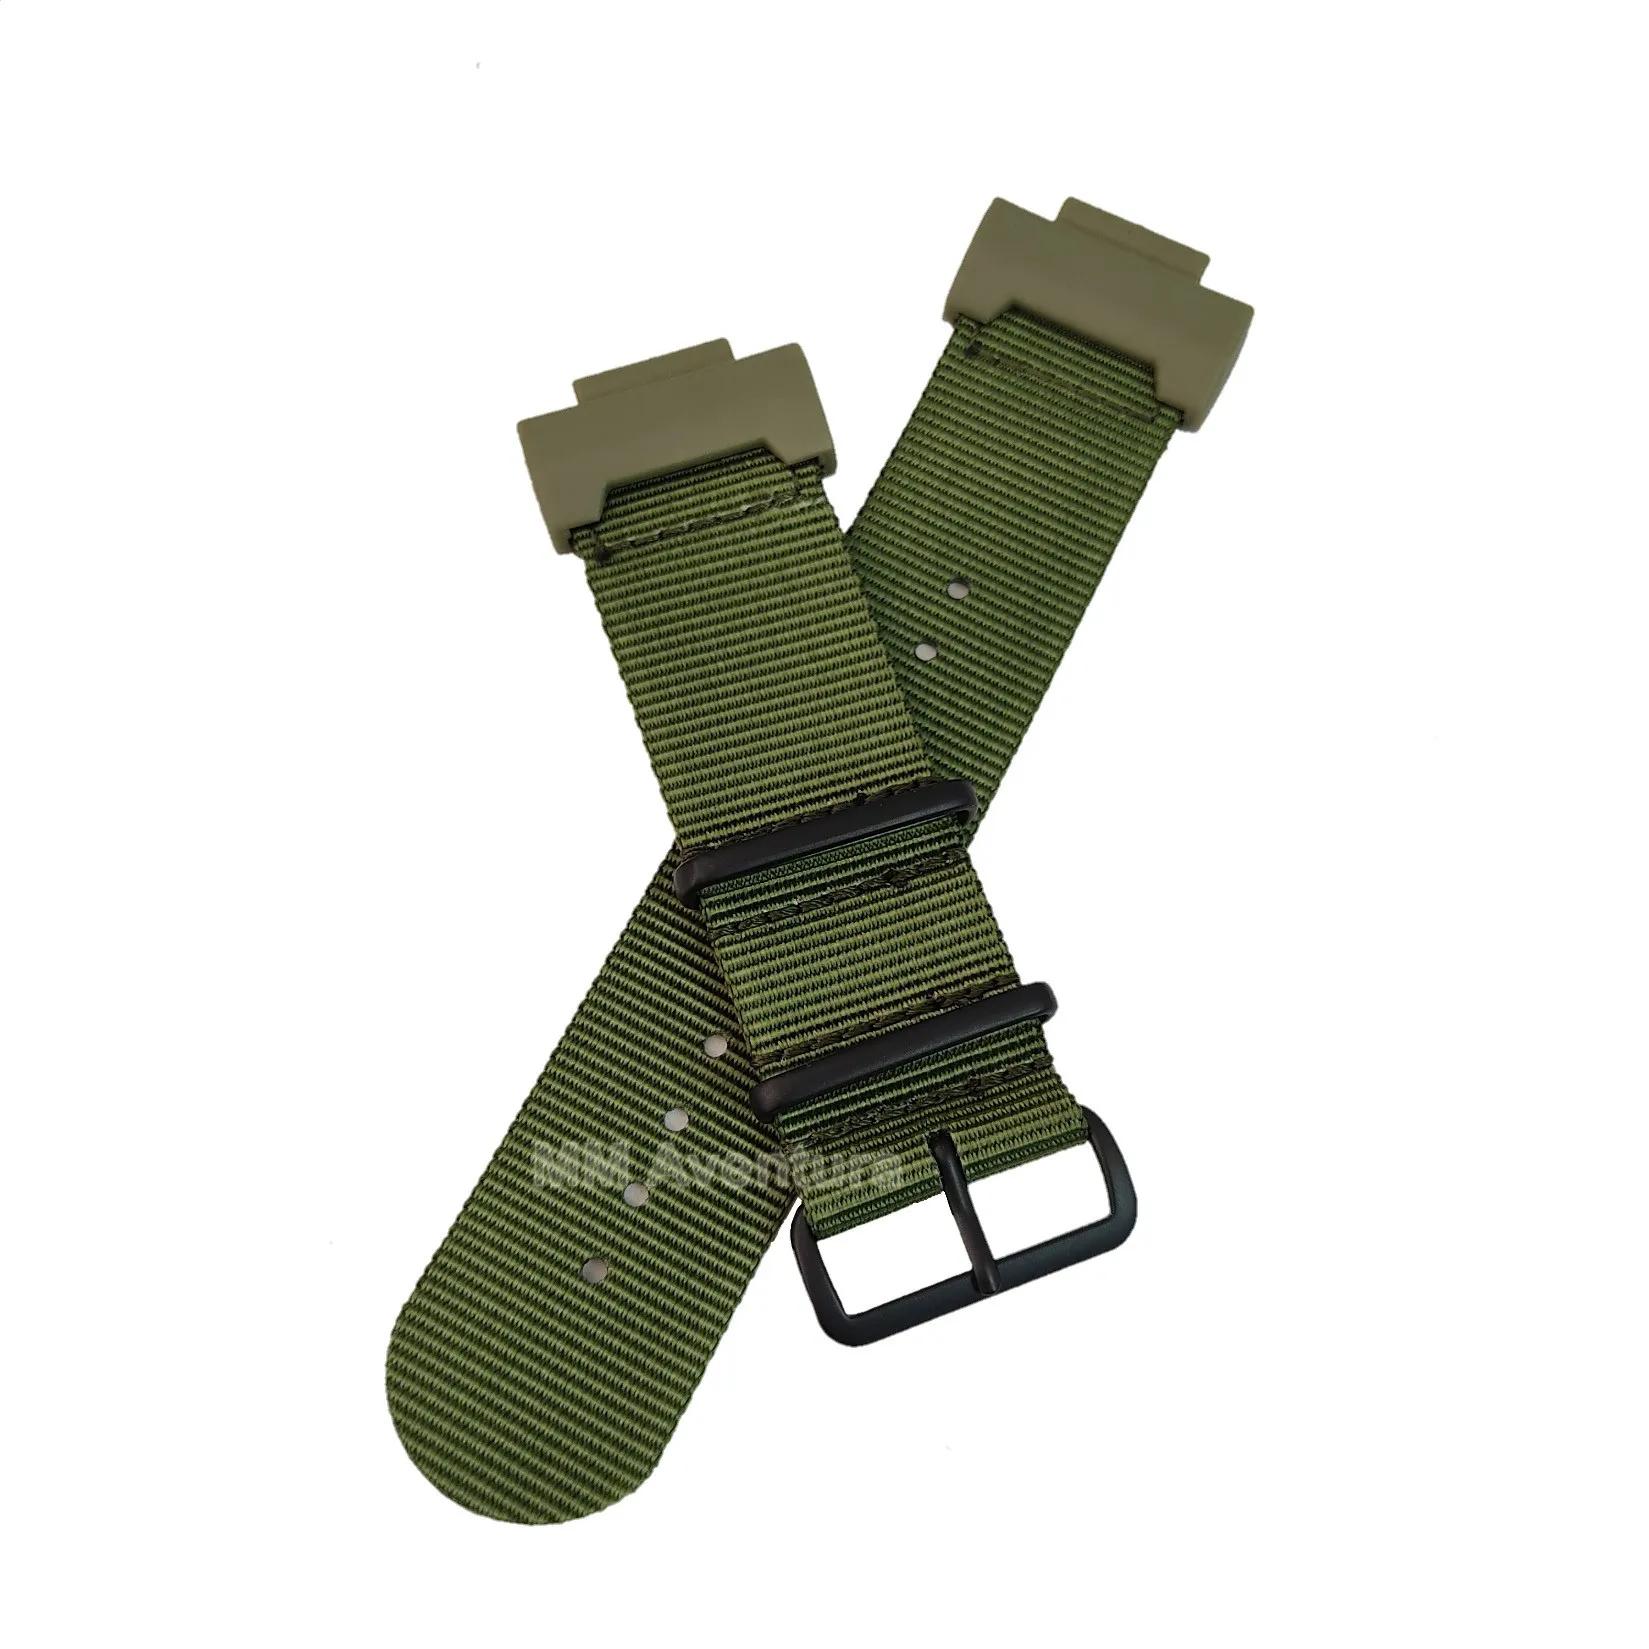 Pulseira de Nylon Nato JaysAndKays c/ Adaptador para G-Shock GX56 GW9400 G9000 G9300 Etc